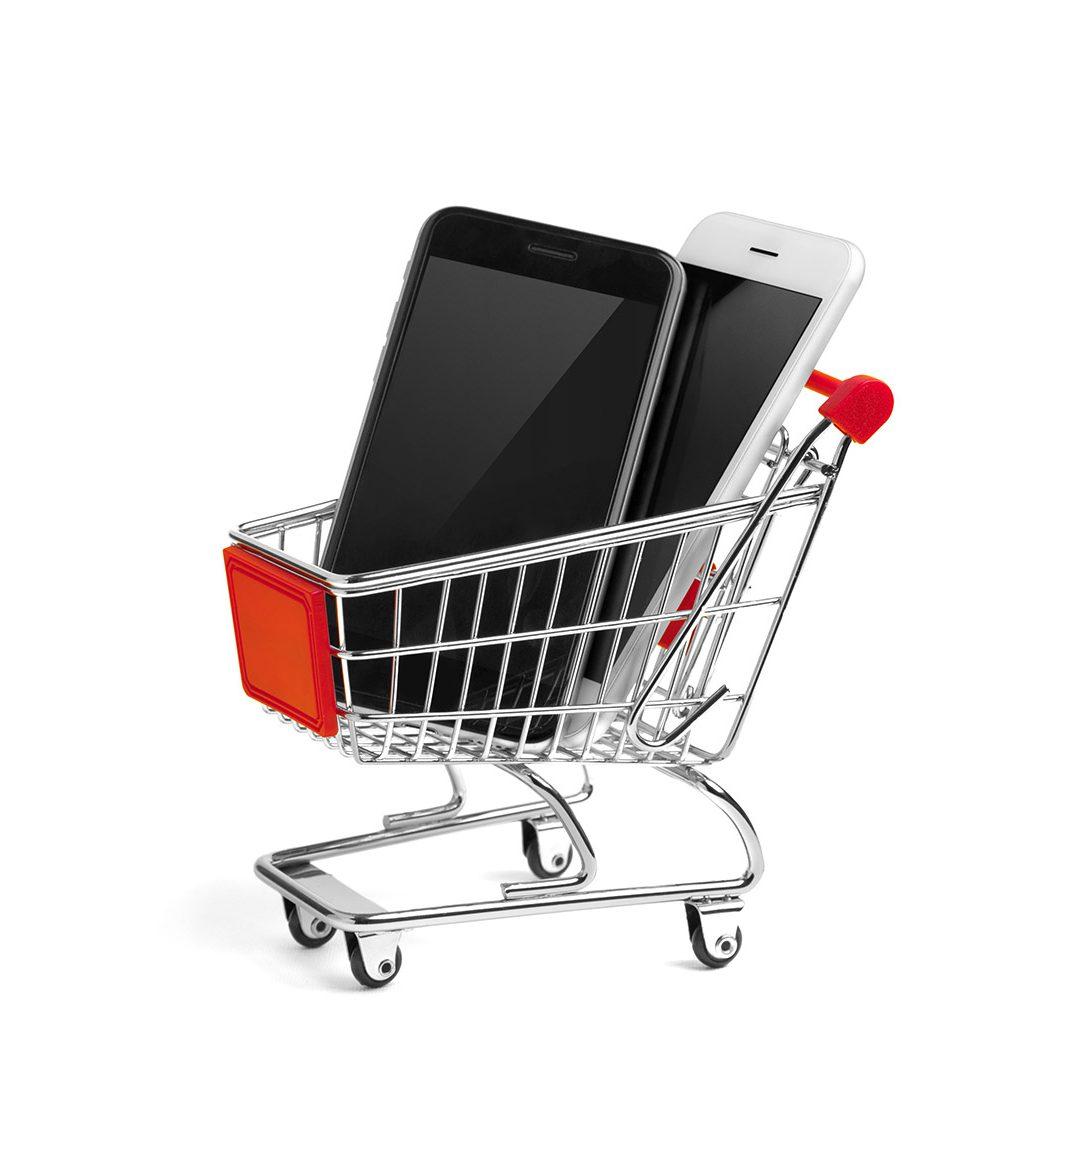 Abbildung Einkaufswagen mit Smartphones